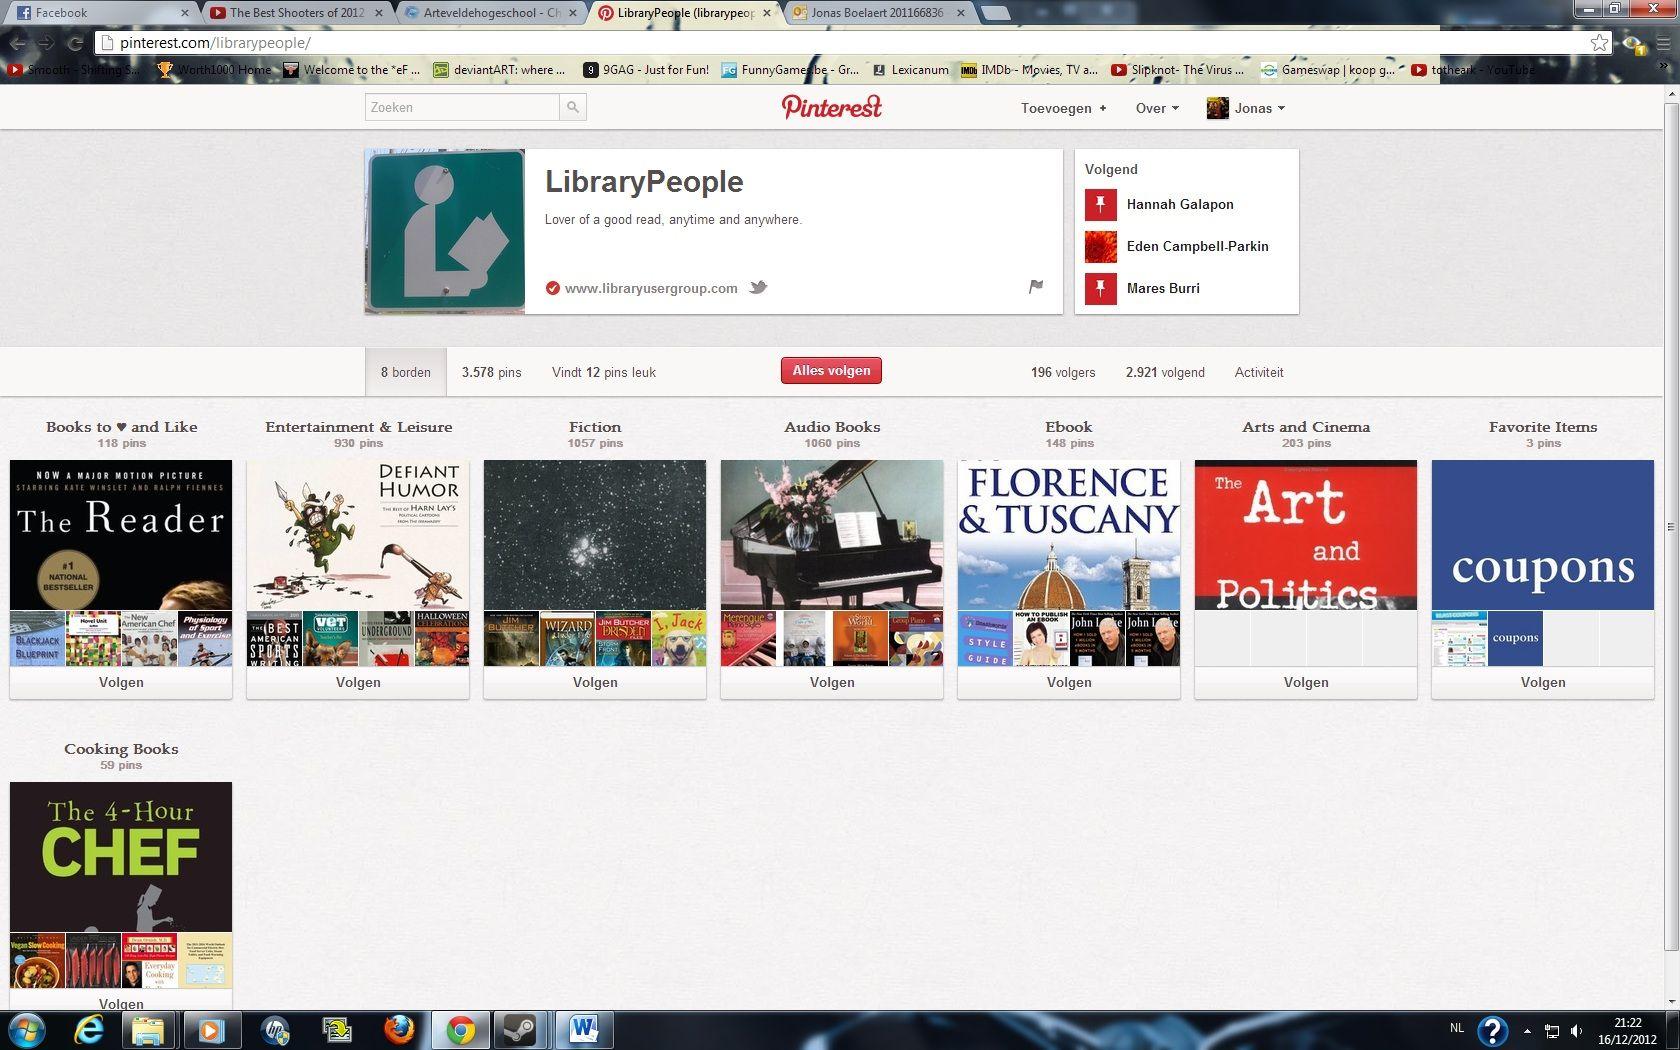 Library people is een boekenwinkel die alle nieuwe boeken in zijn pins zet. Zo kan een groot publiek nieuwe aankopen bekijken. Ook andere boeken die al een tijdje beschikbaar zijn pinnen ze, zodat mensen weten dat ze deze ook verkopen.